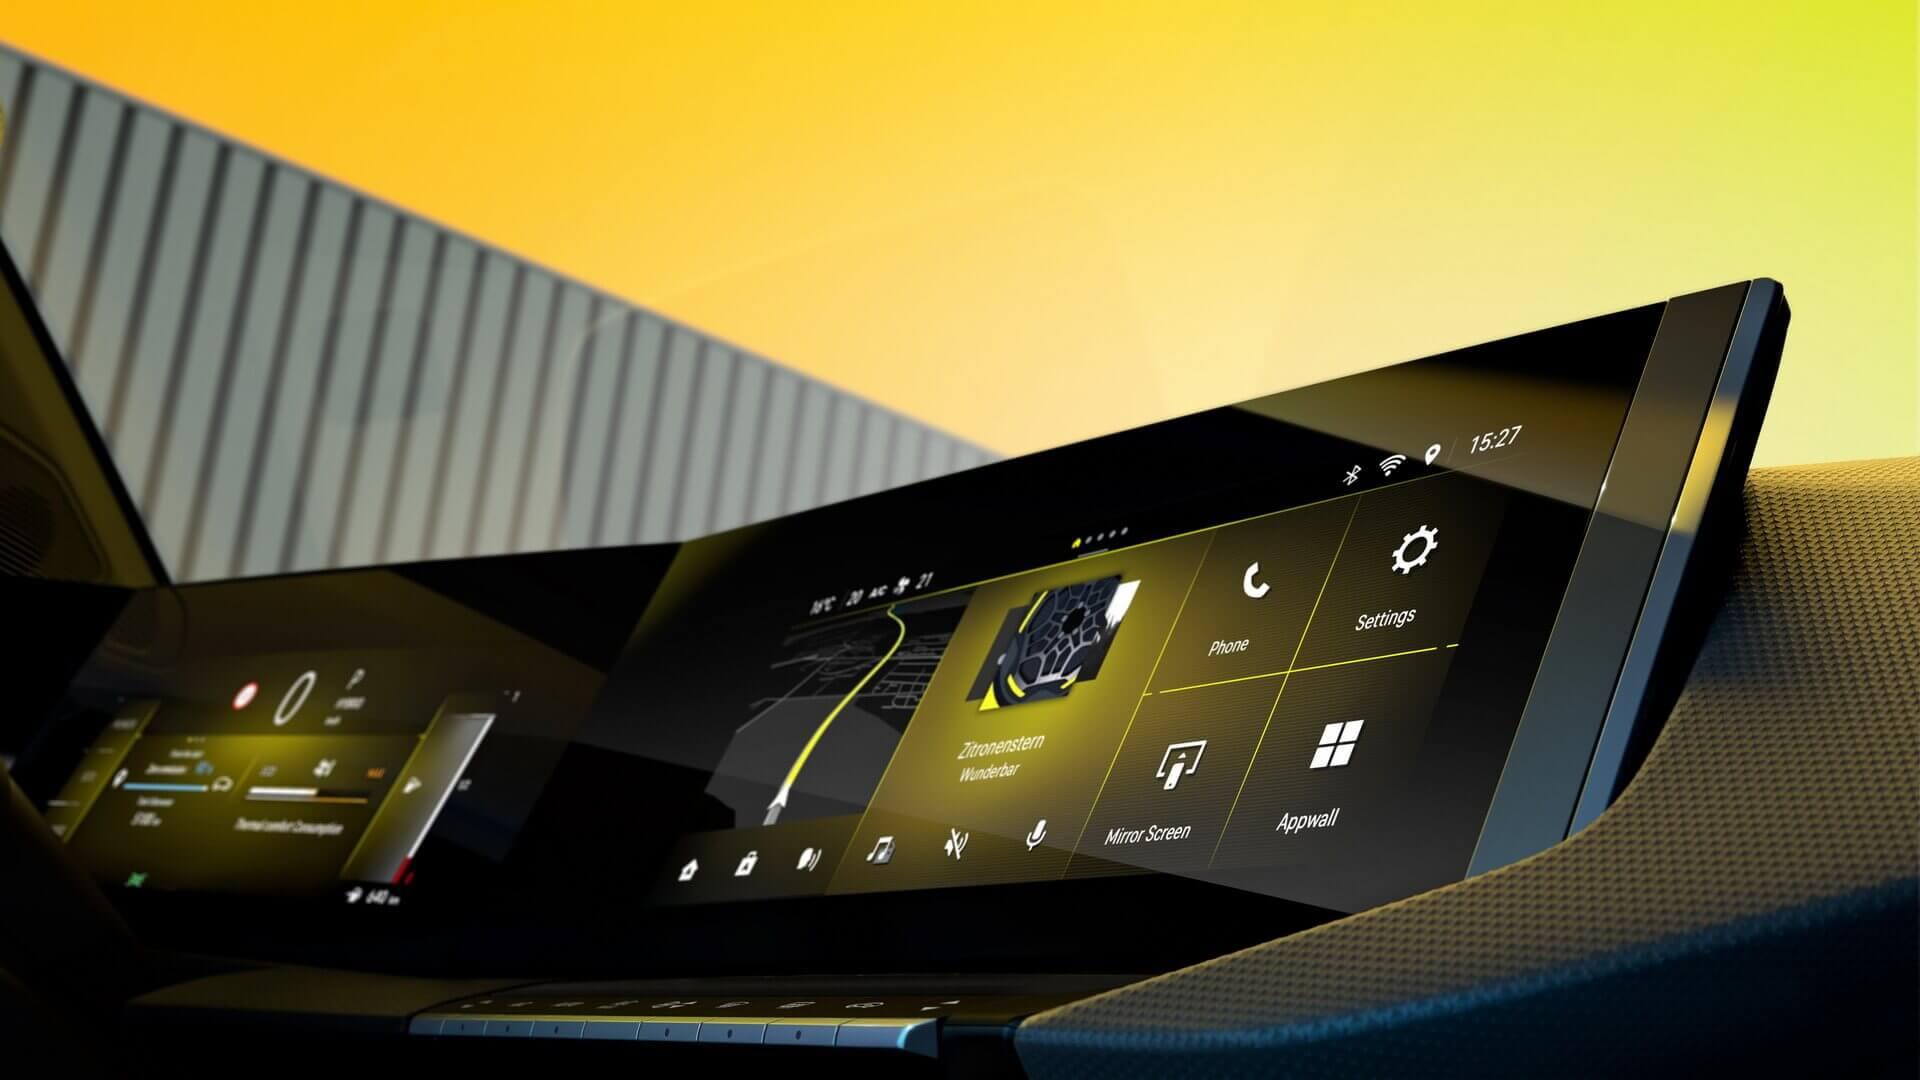 Цифровая кабина Pure Panel следующего поколения с полностью застекленными поверхностями